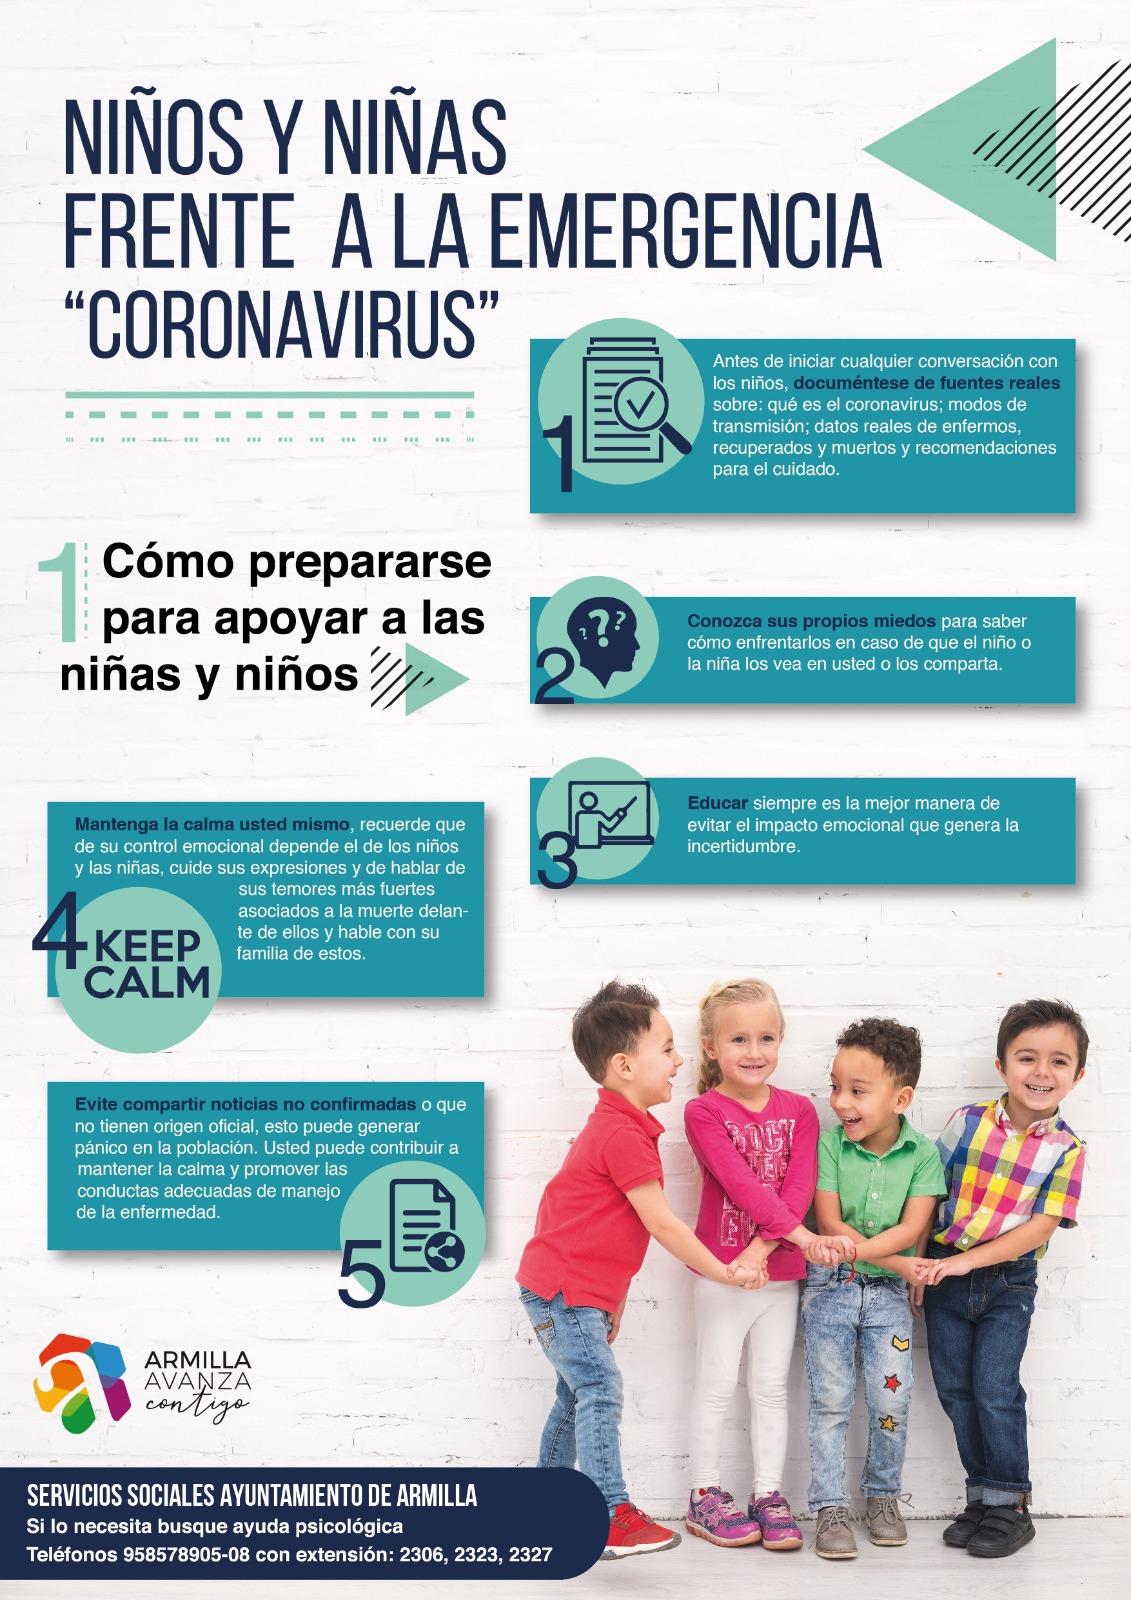 Armilla elabora una guía con recomendaciones para informar sobre el coronavirus a los niños y niñas